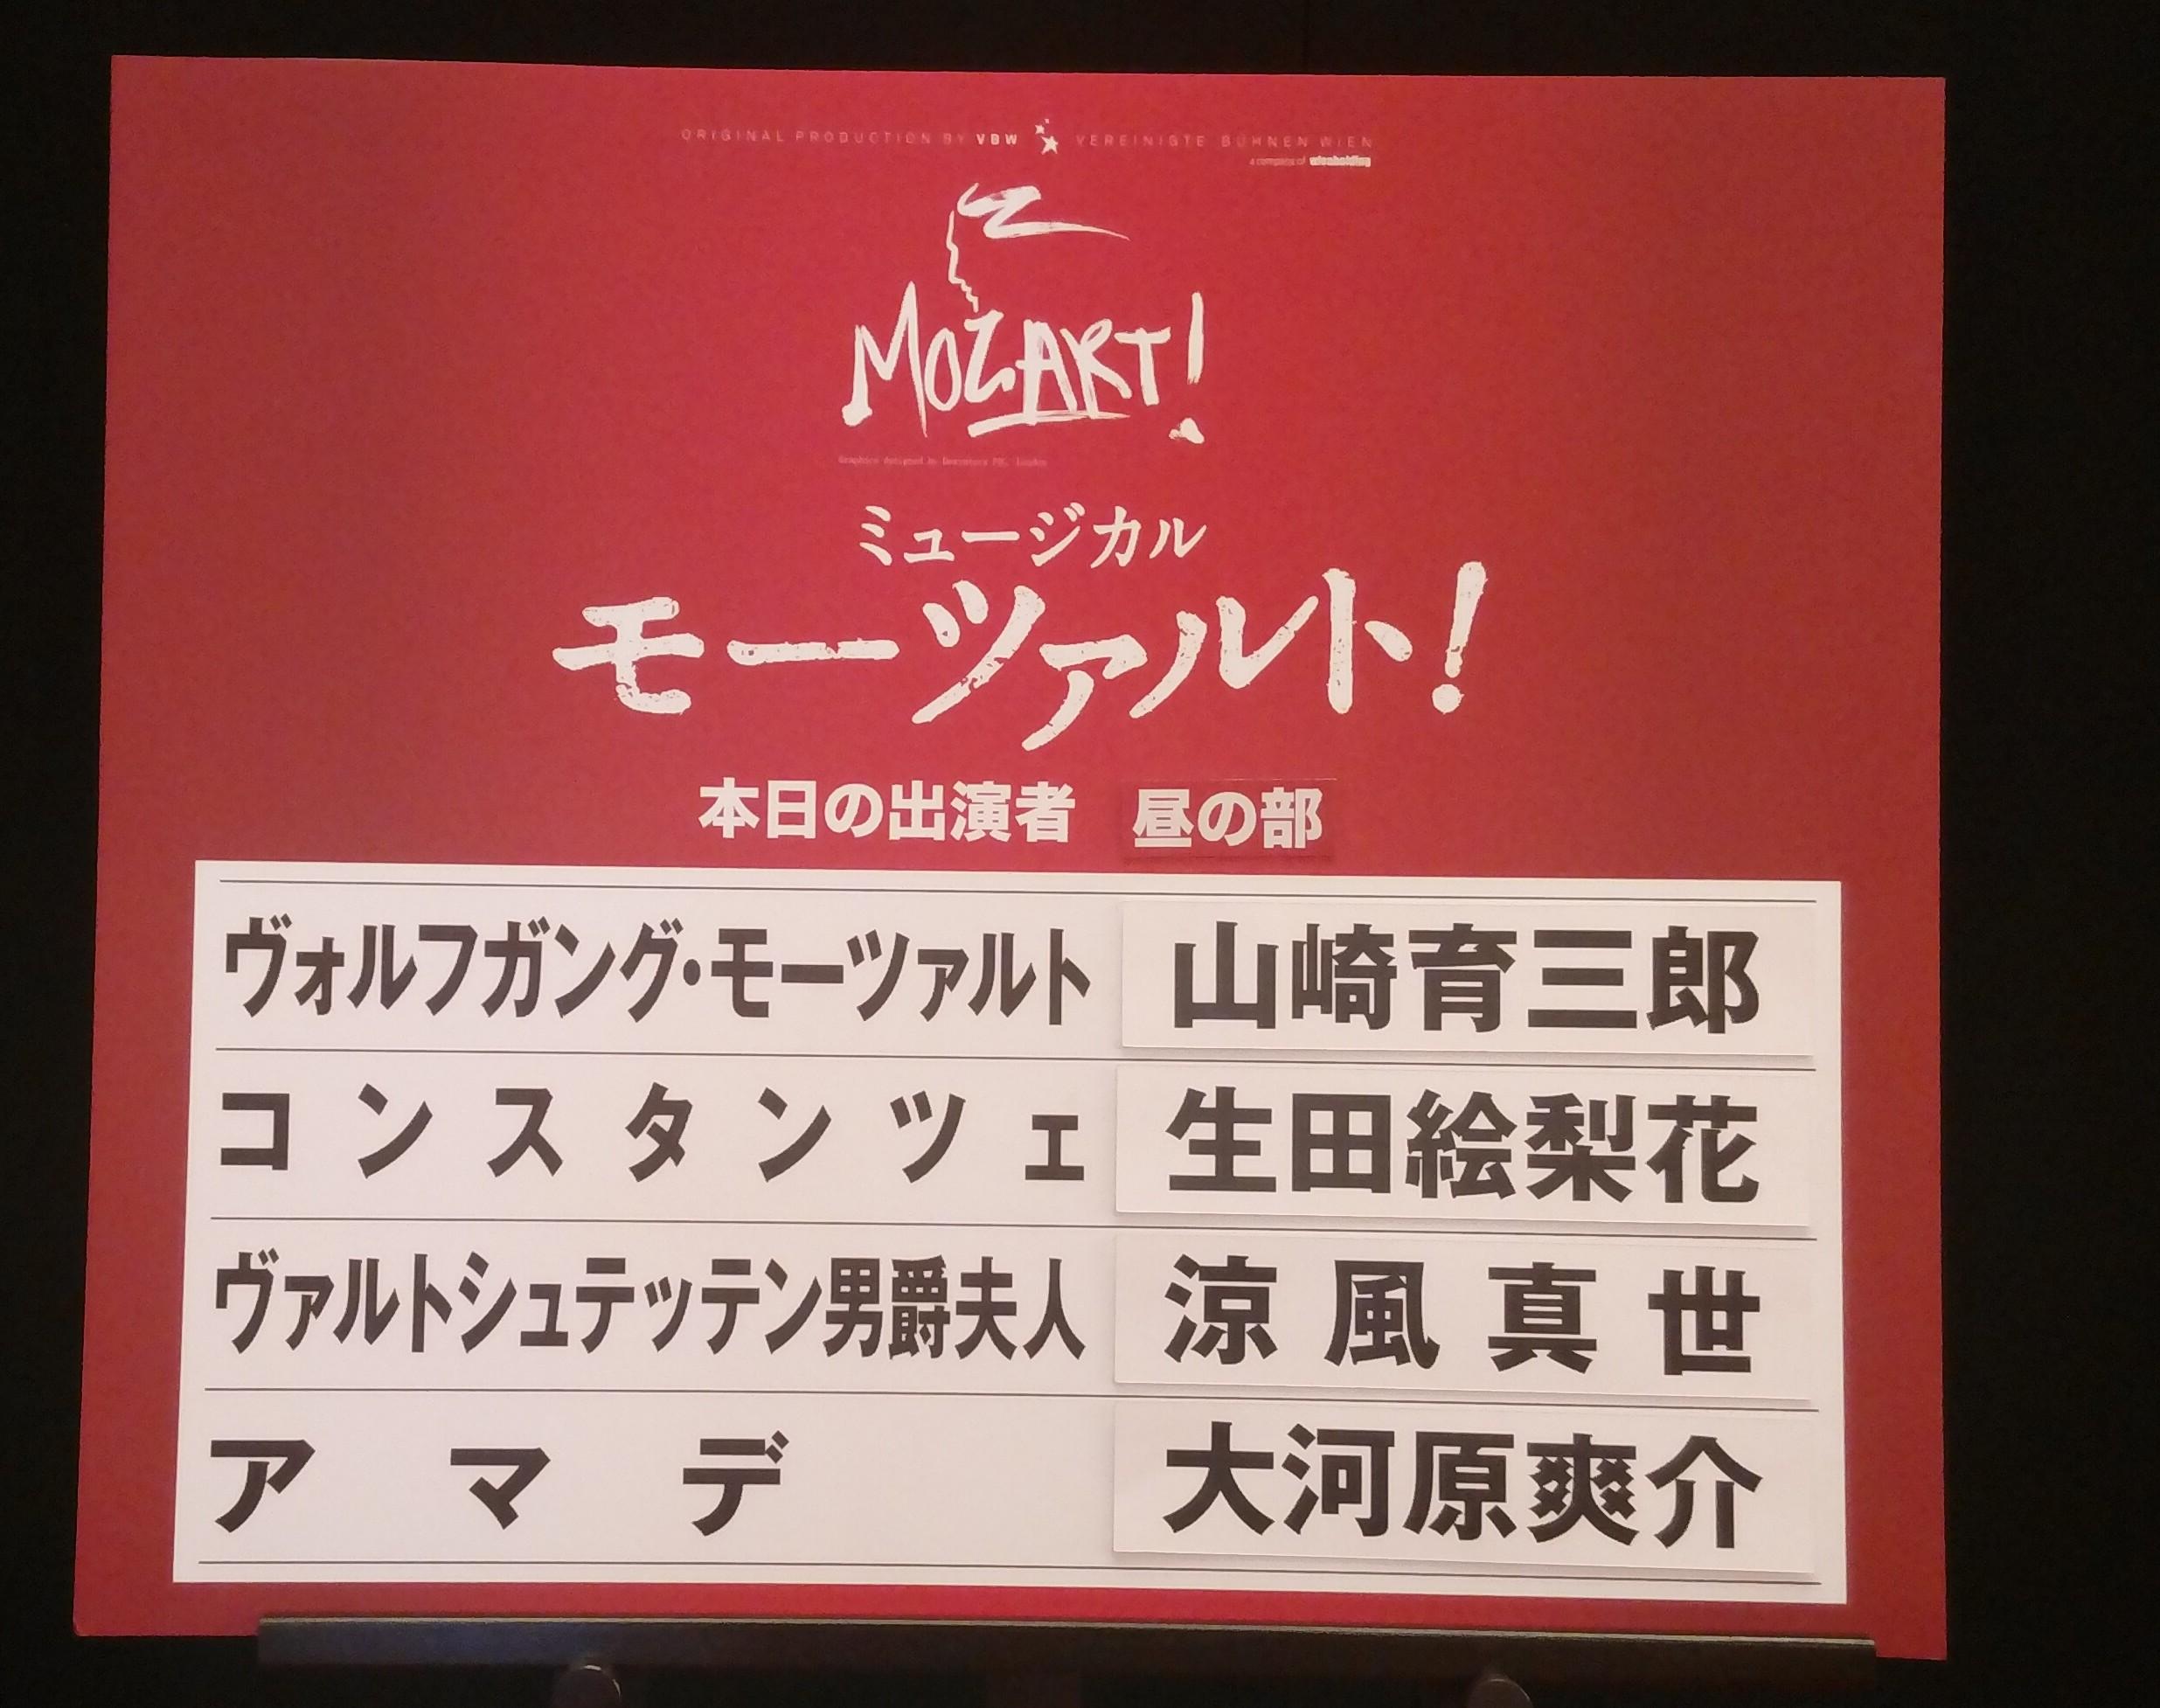 8/4御園座「MOZART!」マチネ